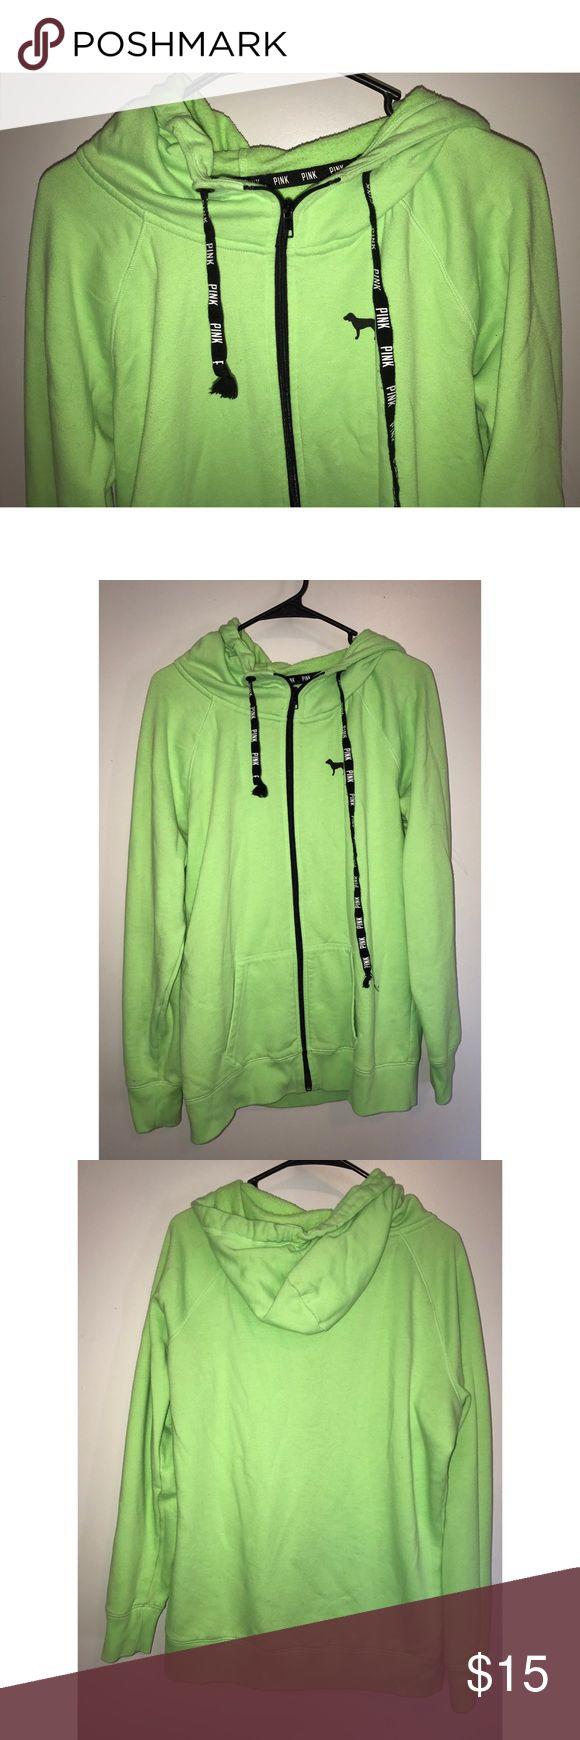 PINK Neon Green Zip-Up Sweatshirt Victoria's Secret PINK zip-up sweatshirt. Size large. In good condition. PINK Victoria's Secret Tops Sweatshirts & Hoodies